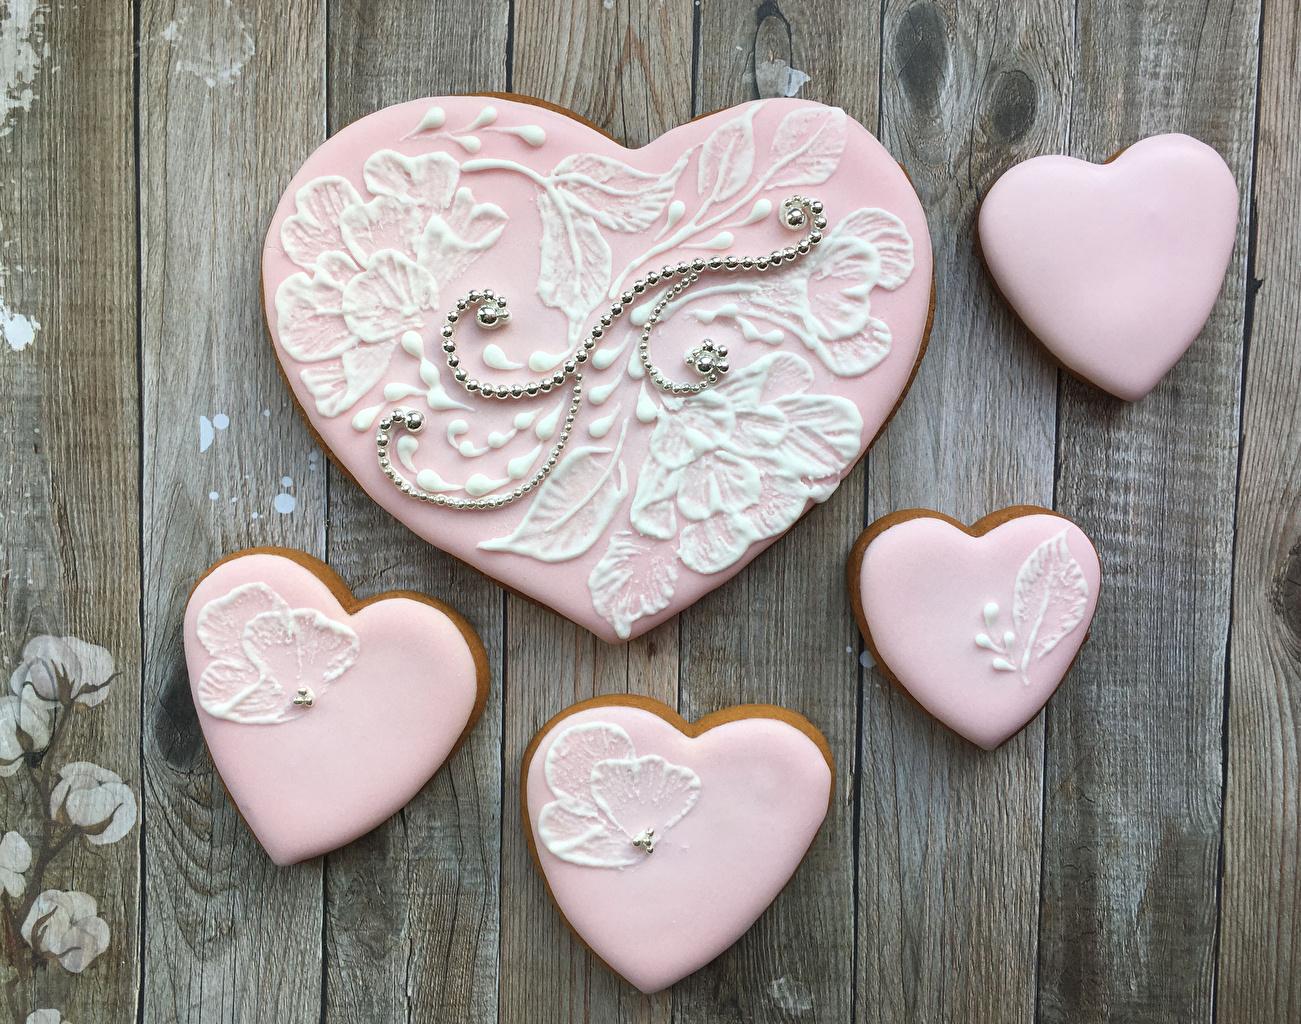 Bilder von Valentinstag Herz Rosa Farbe Kekse das Essen Design Bretter Lebensmittel